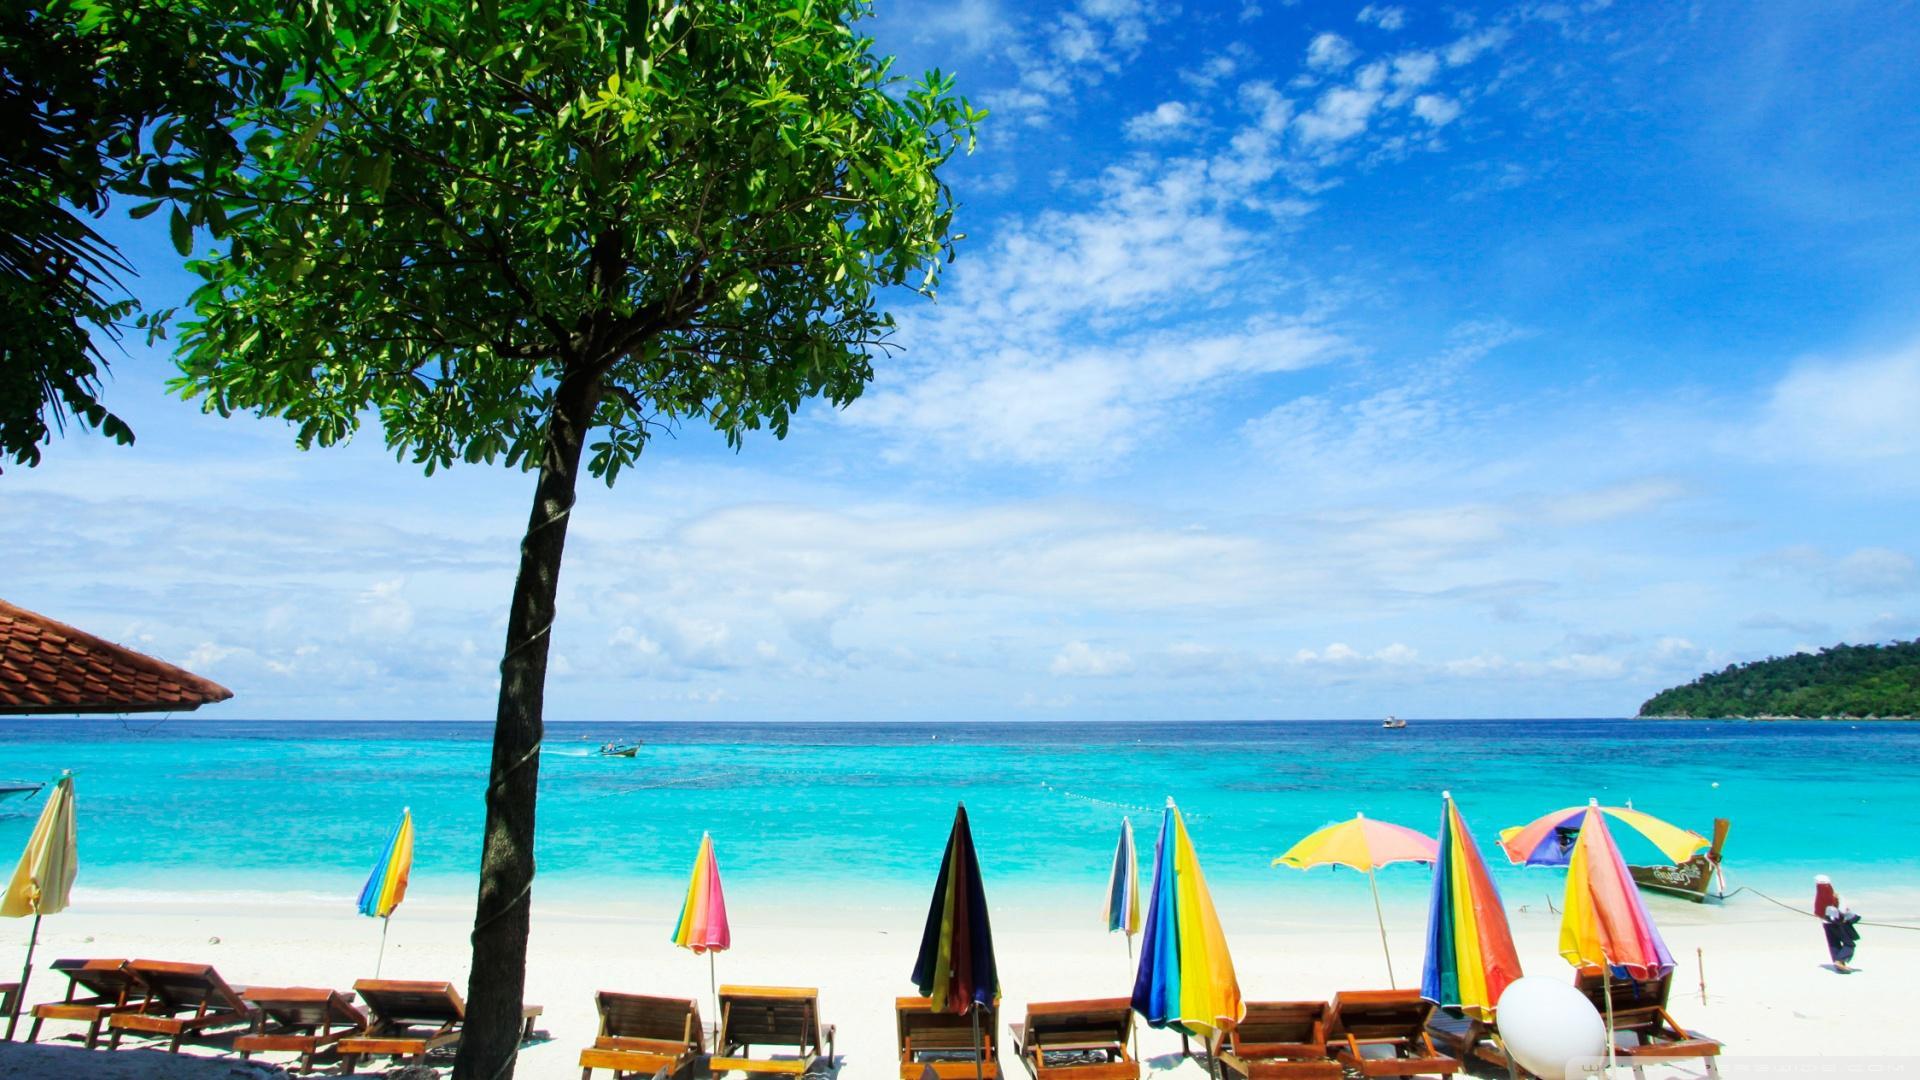 пляжный курорт скачать